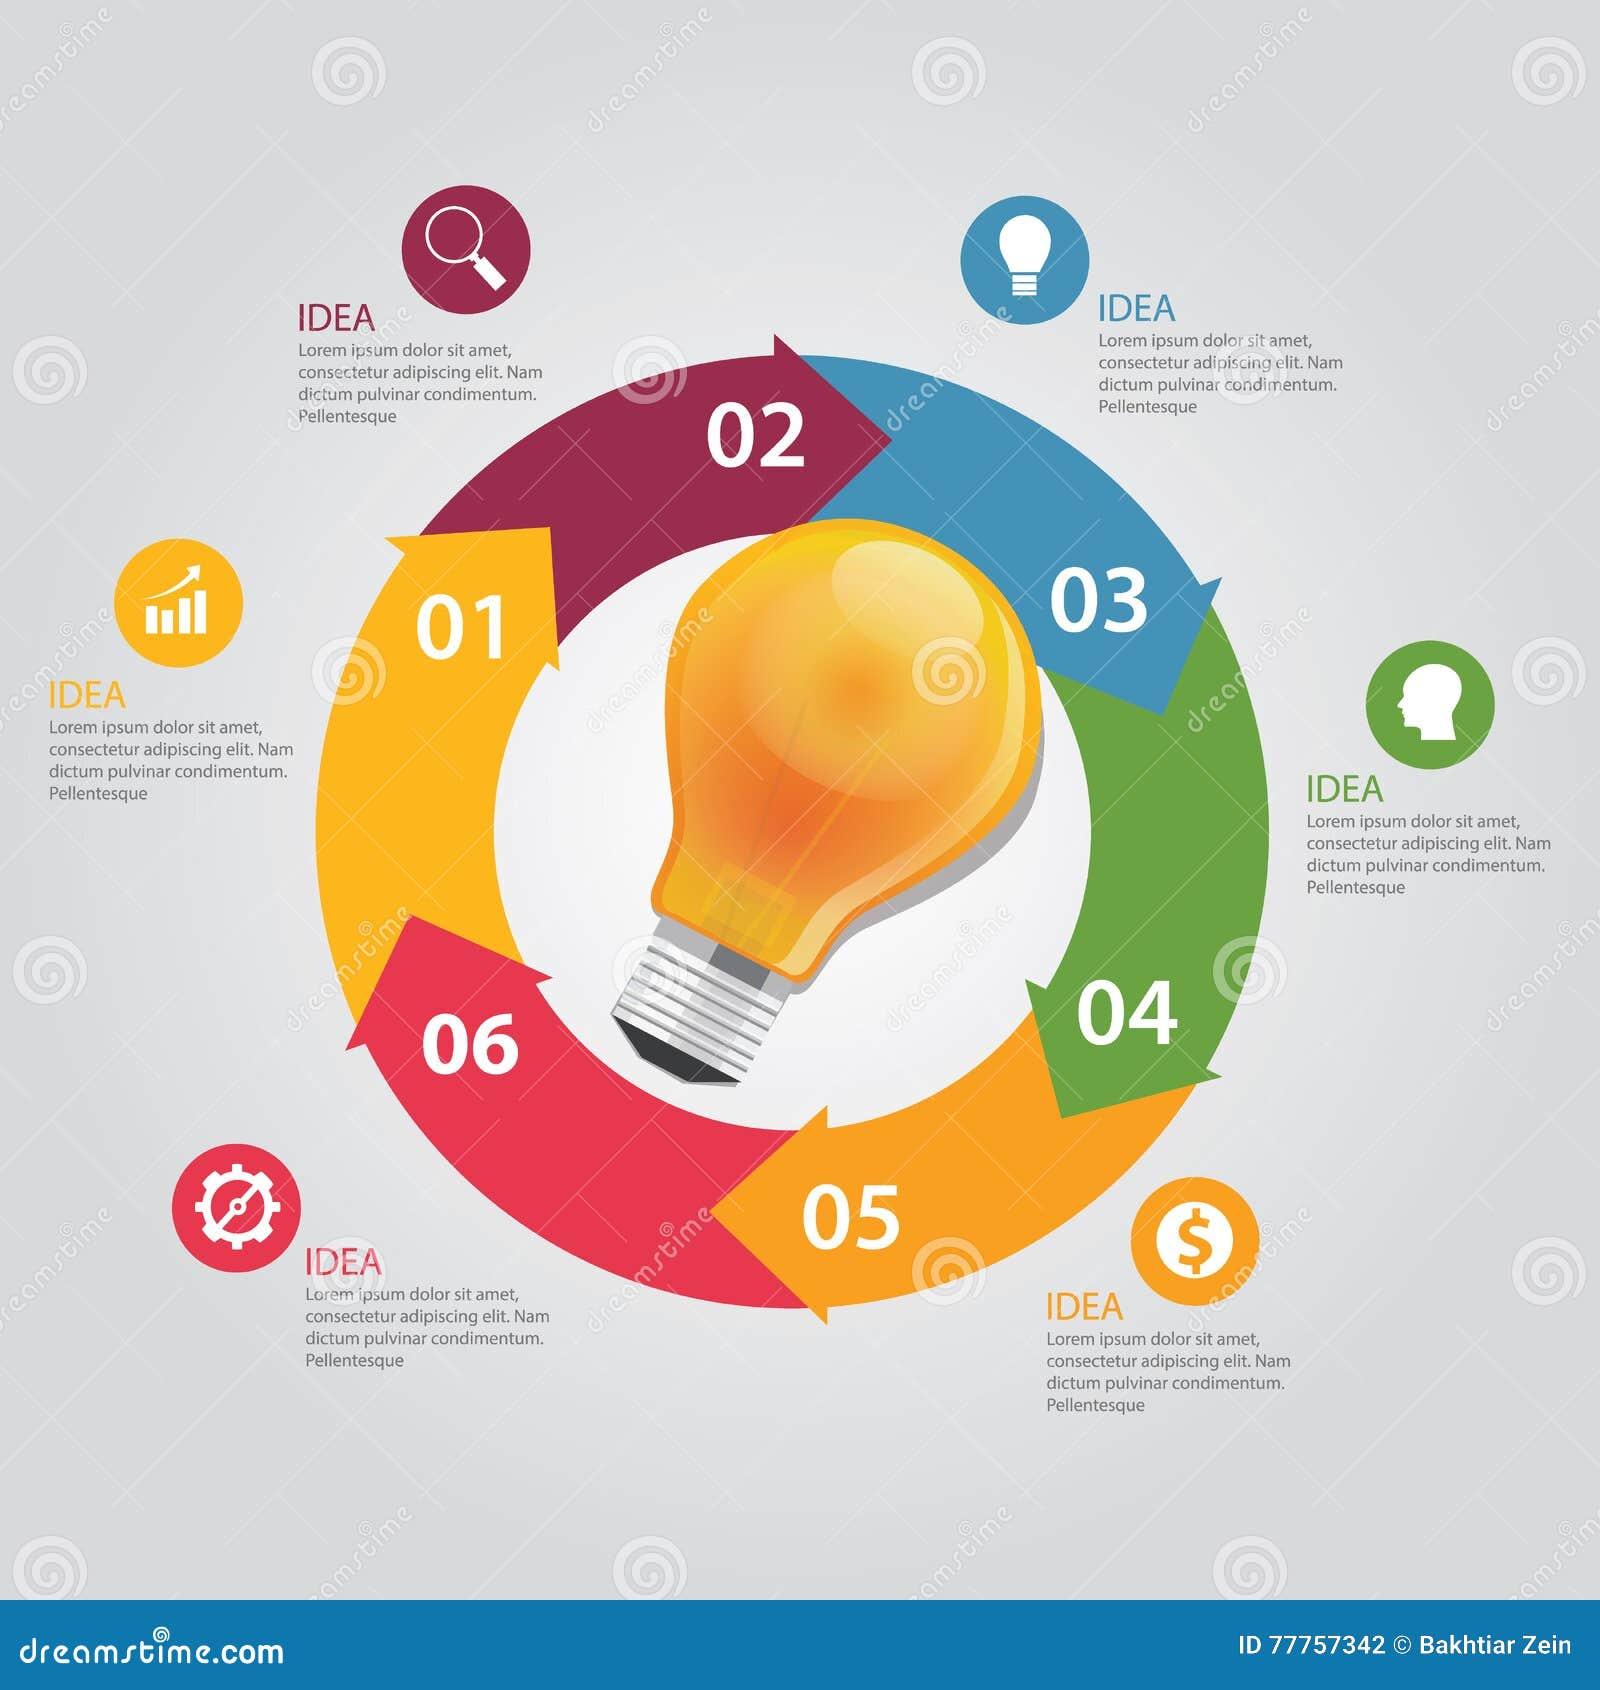 Sex 6 beståndsdelar av affären för kulan för vektorn för cirkeln för diagrammet för information om idén den grafiska skiner